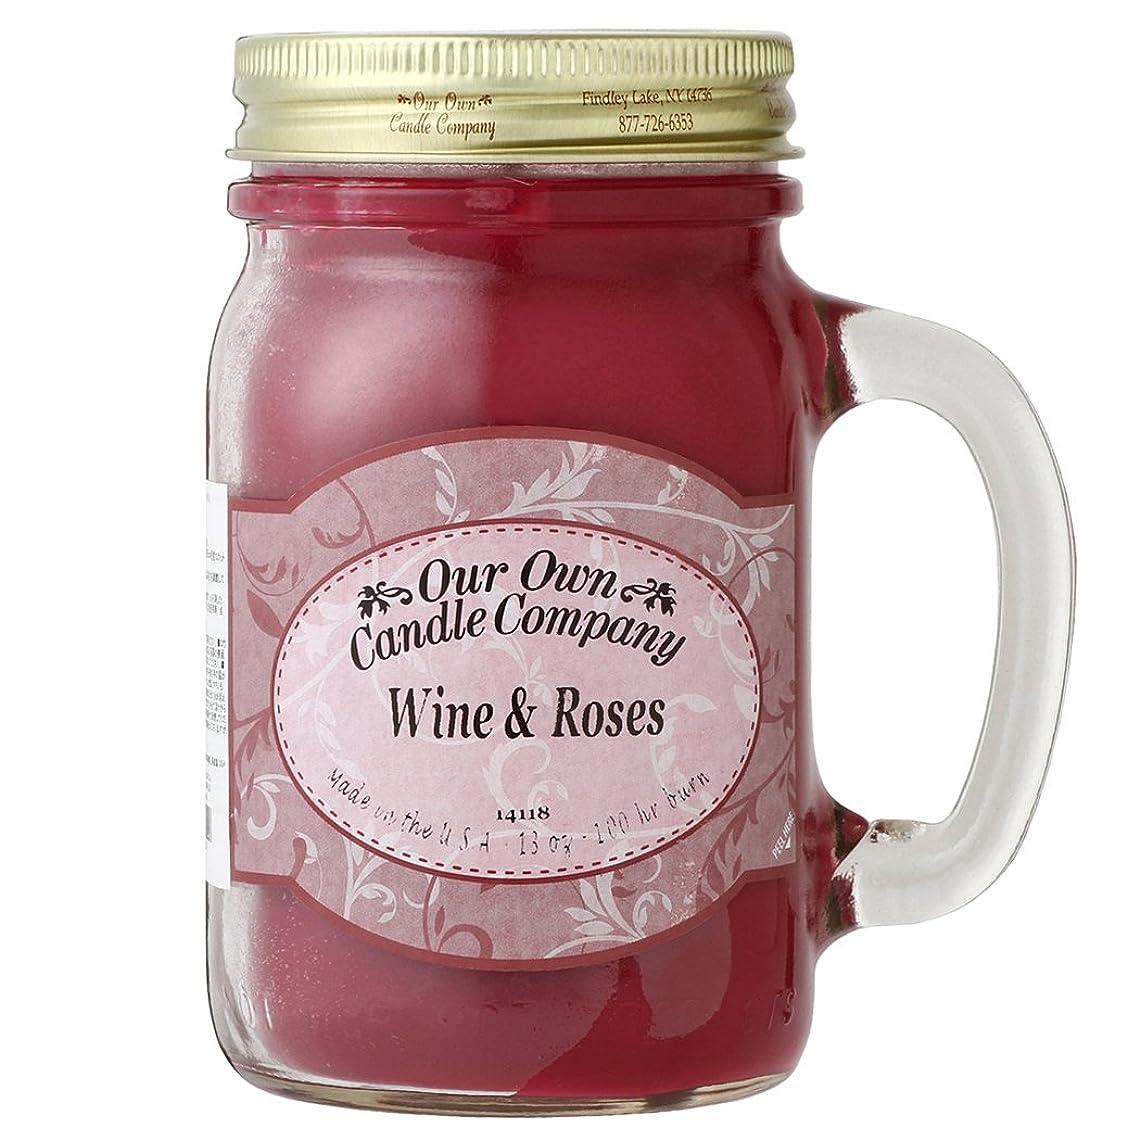 証拠準拠ウミウシOur Own Candle Company メイソンジャーキャンドル ラージサイズ ワイン&ローズ OU100129